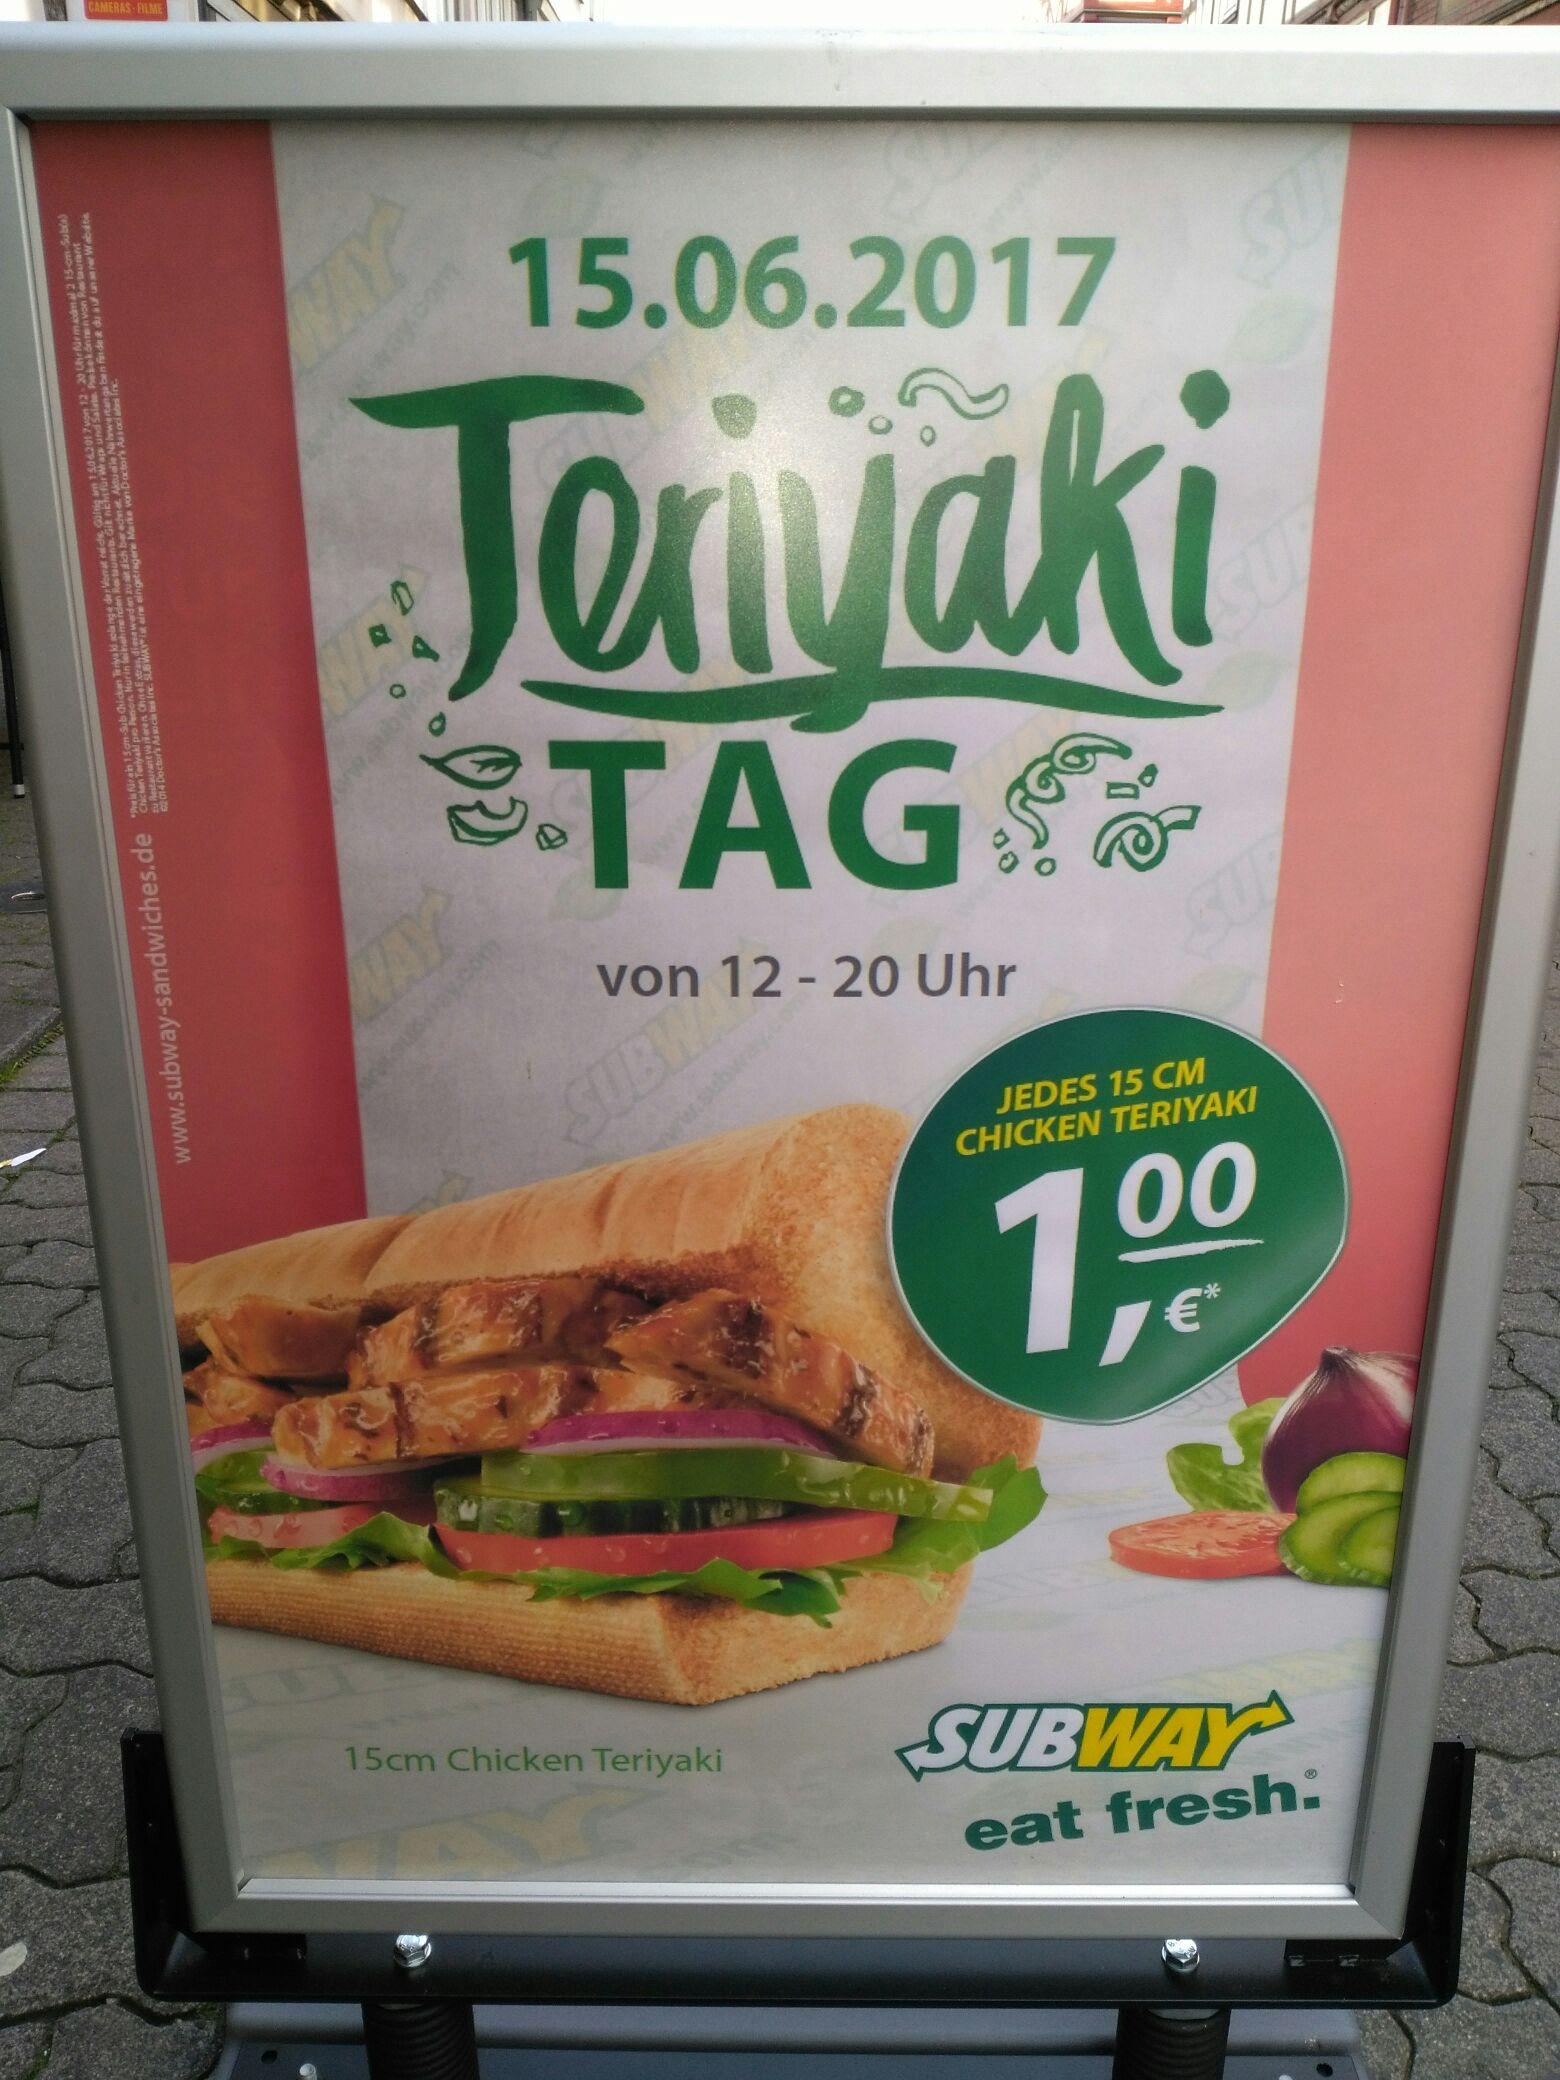 Subway Chicken Teriyaki für 1 € in Hann. Münden